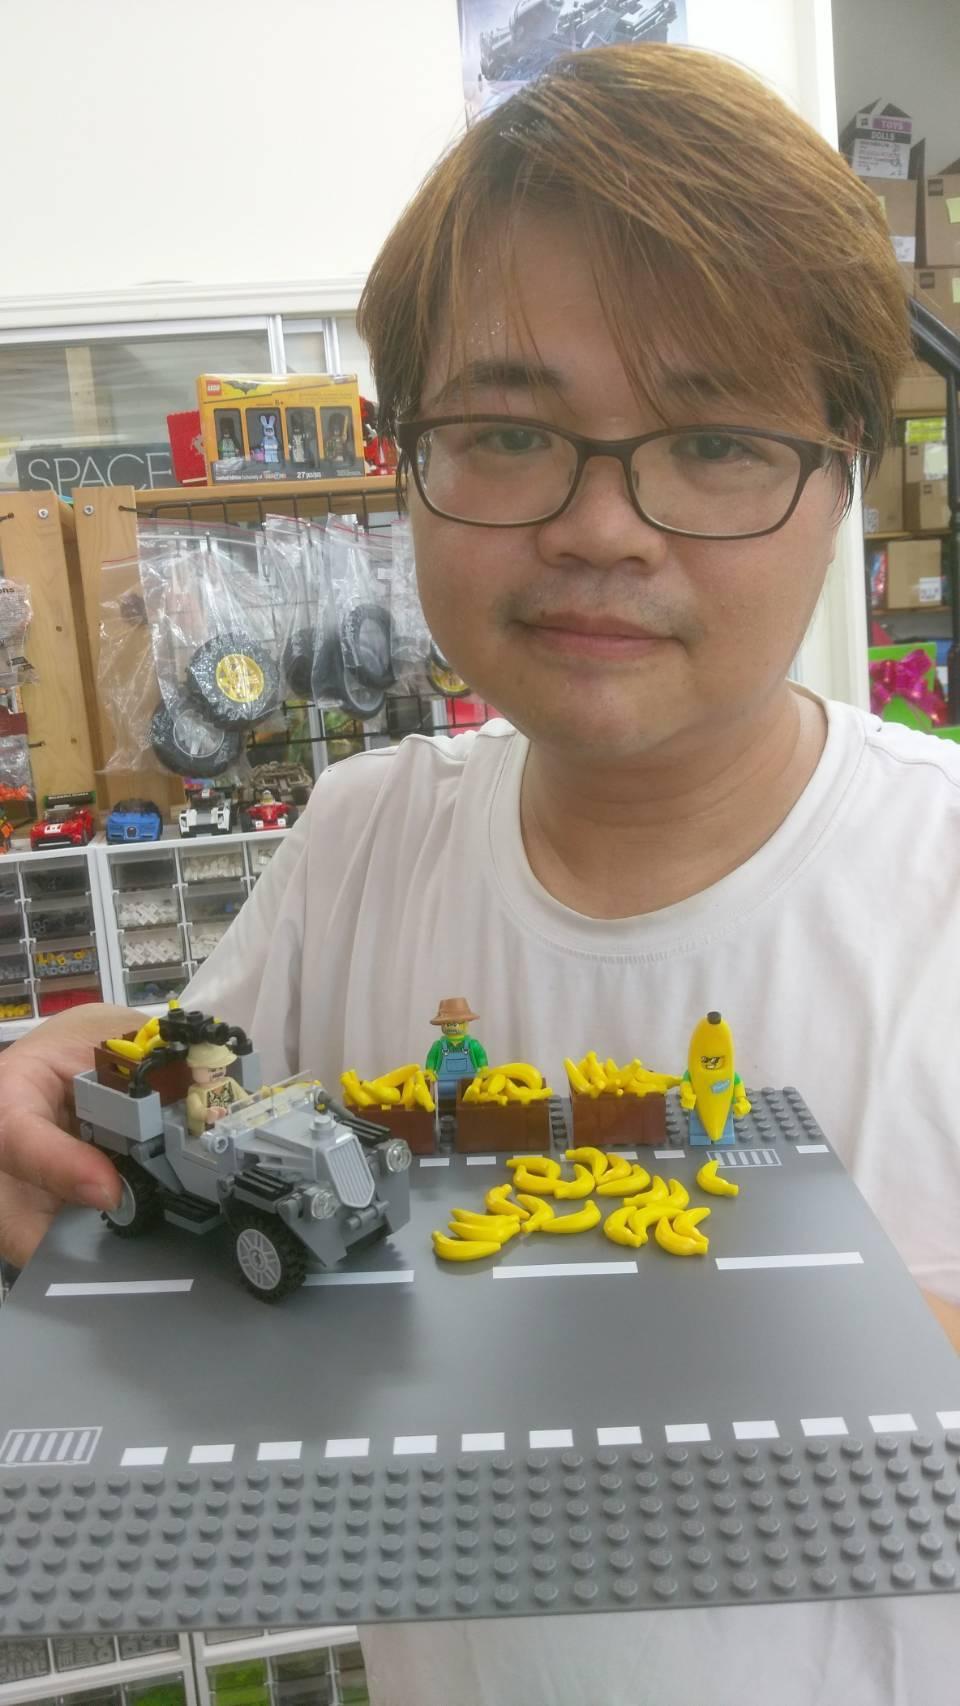 曾政傑在店內辦「買玩具香蕉送香蕉活動」,只要到店購買25元的樂高玩具香蕉,就可以...